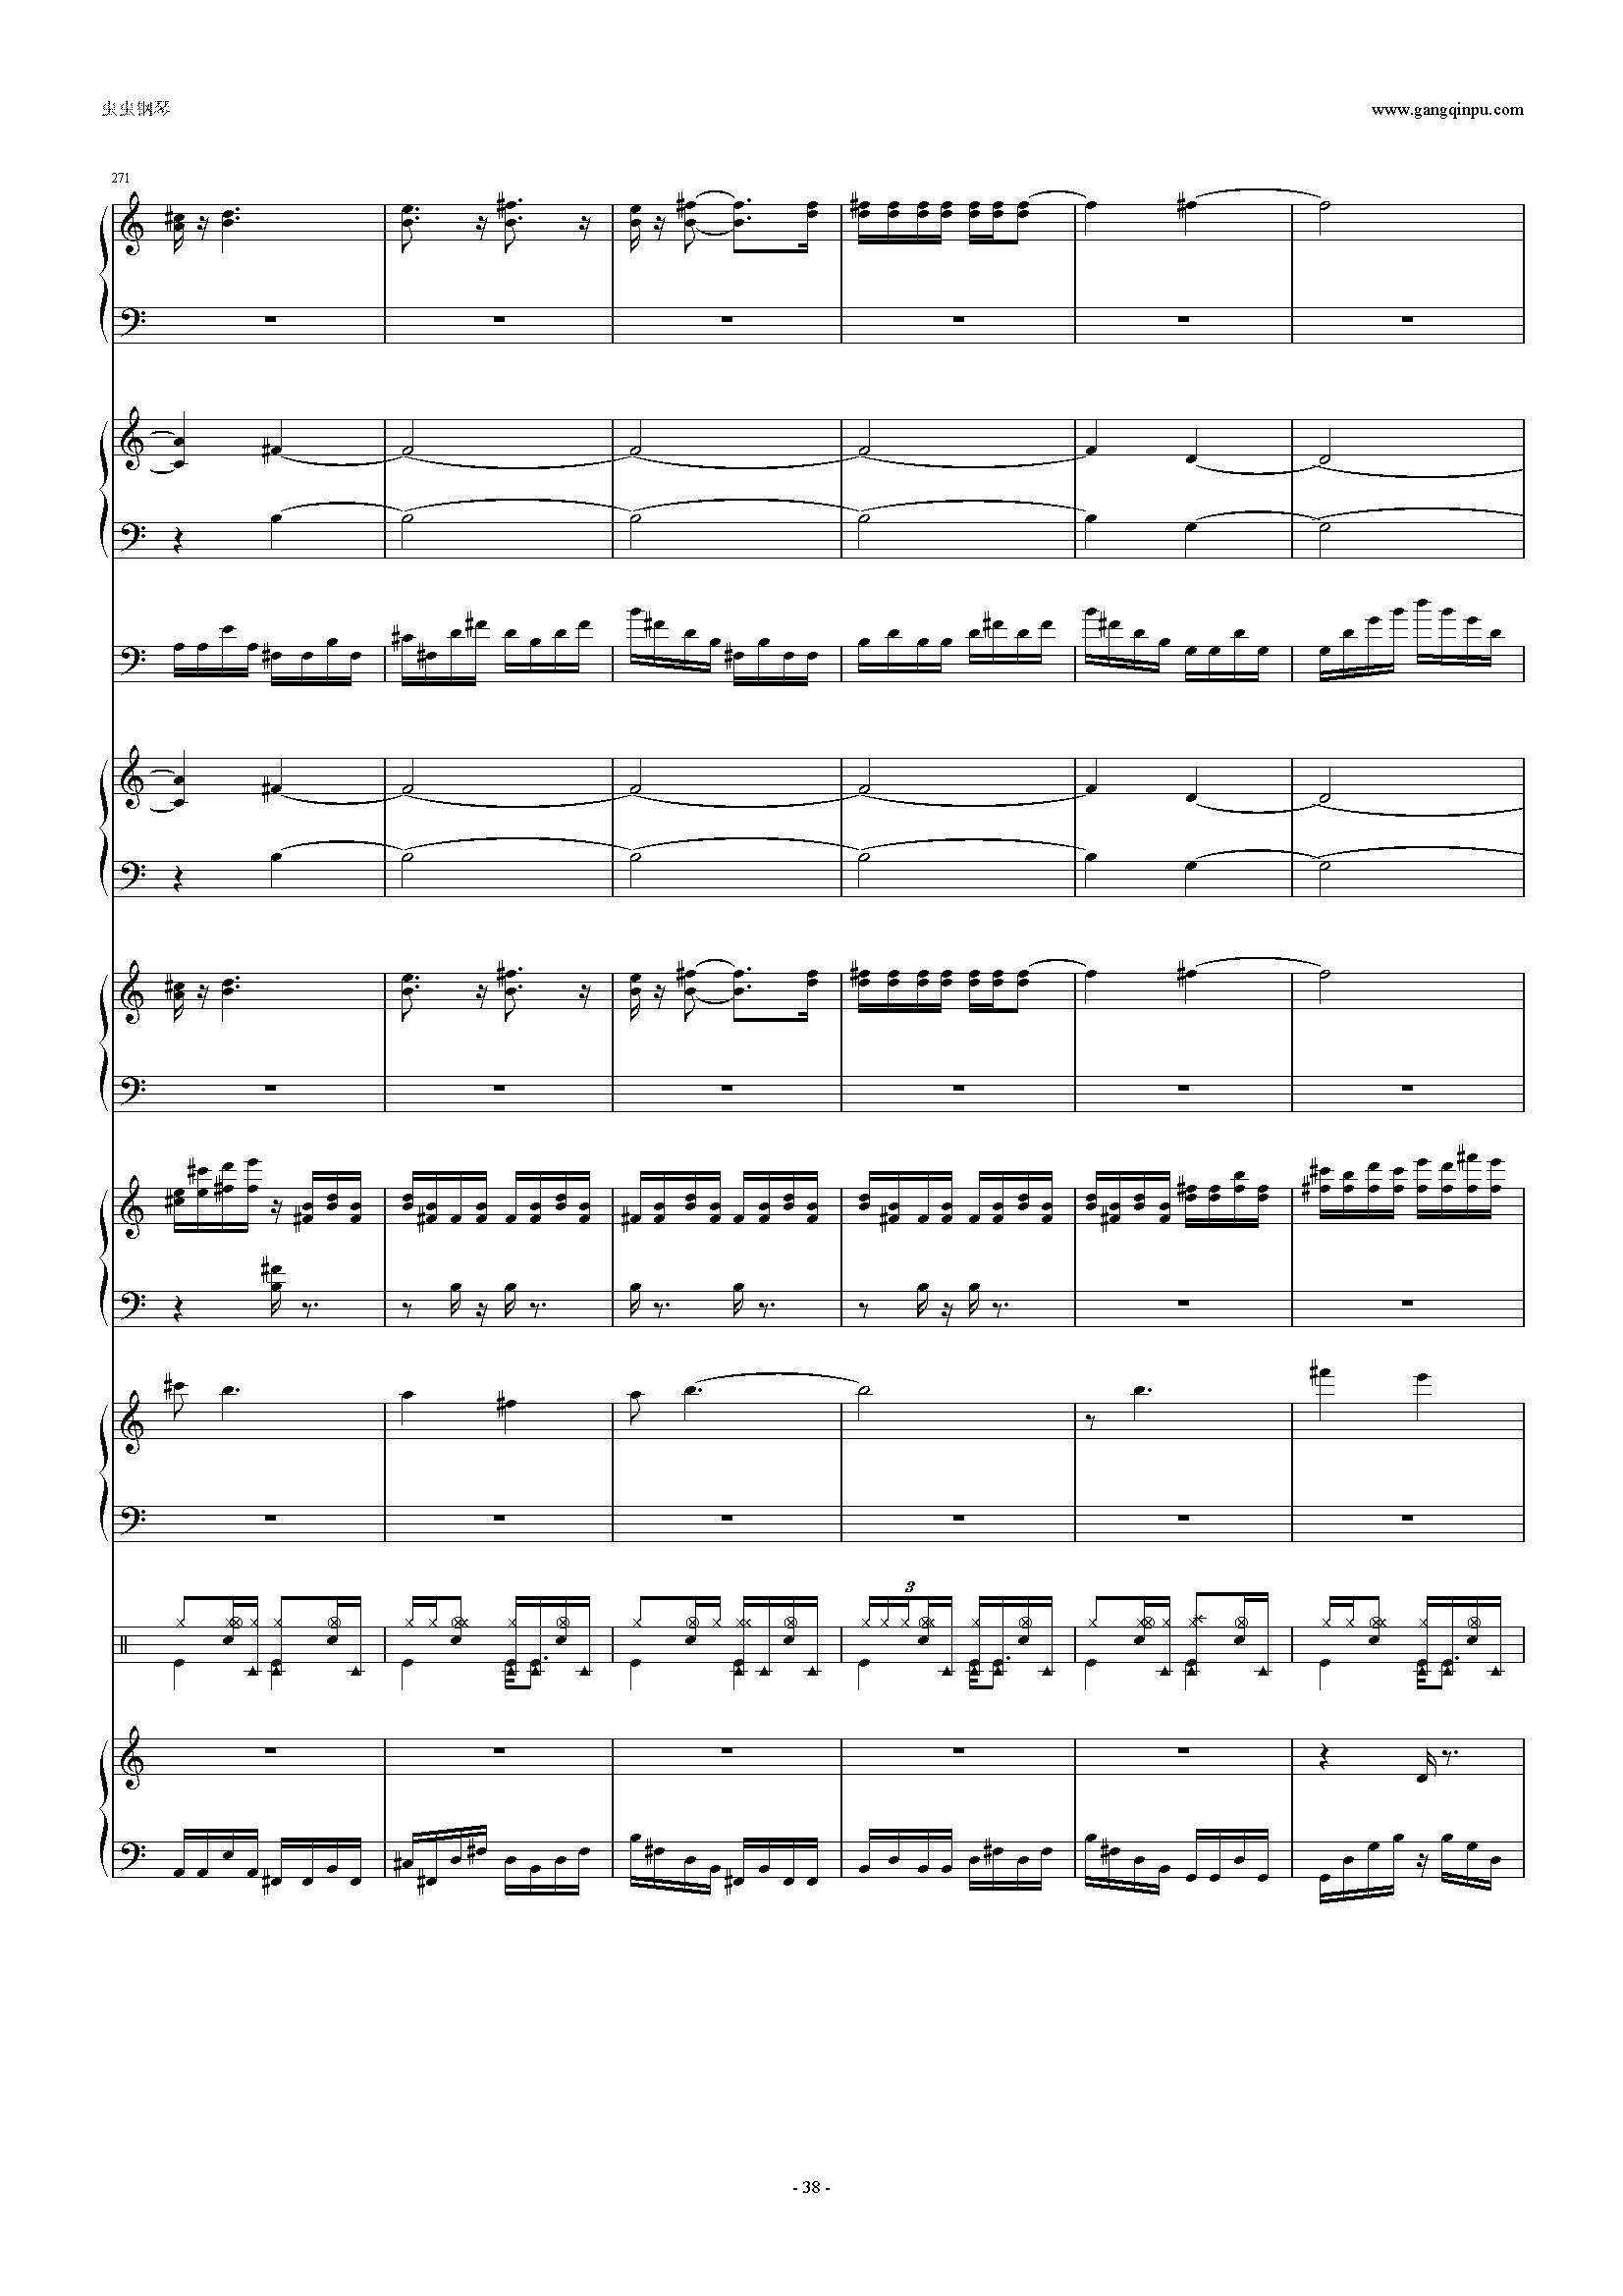 少女幻葬钢琴谱 第38页